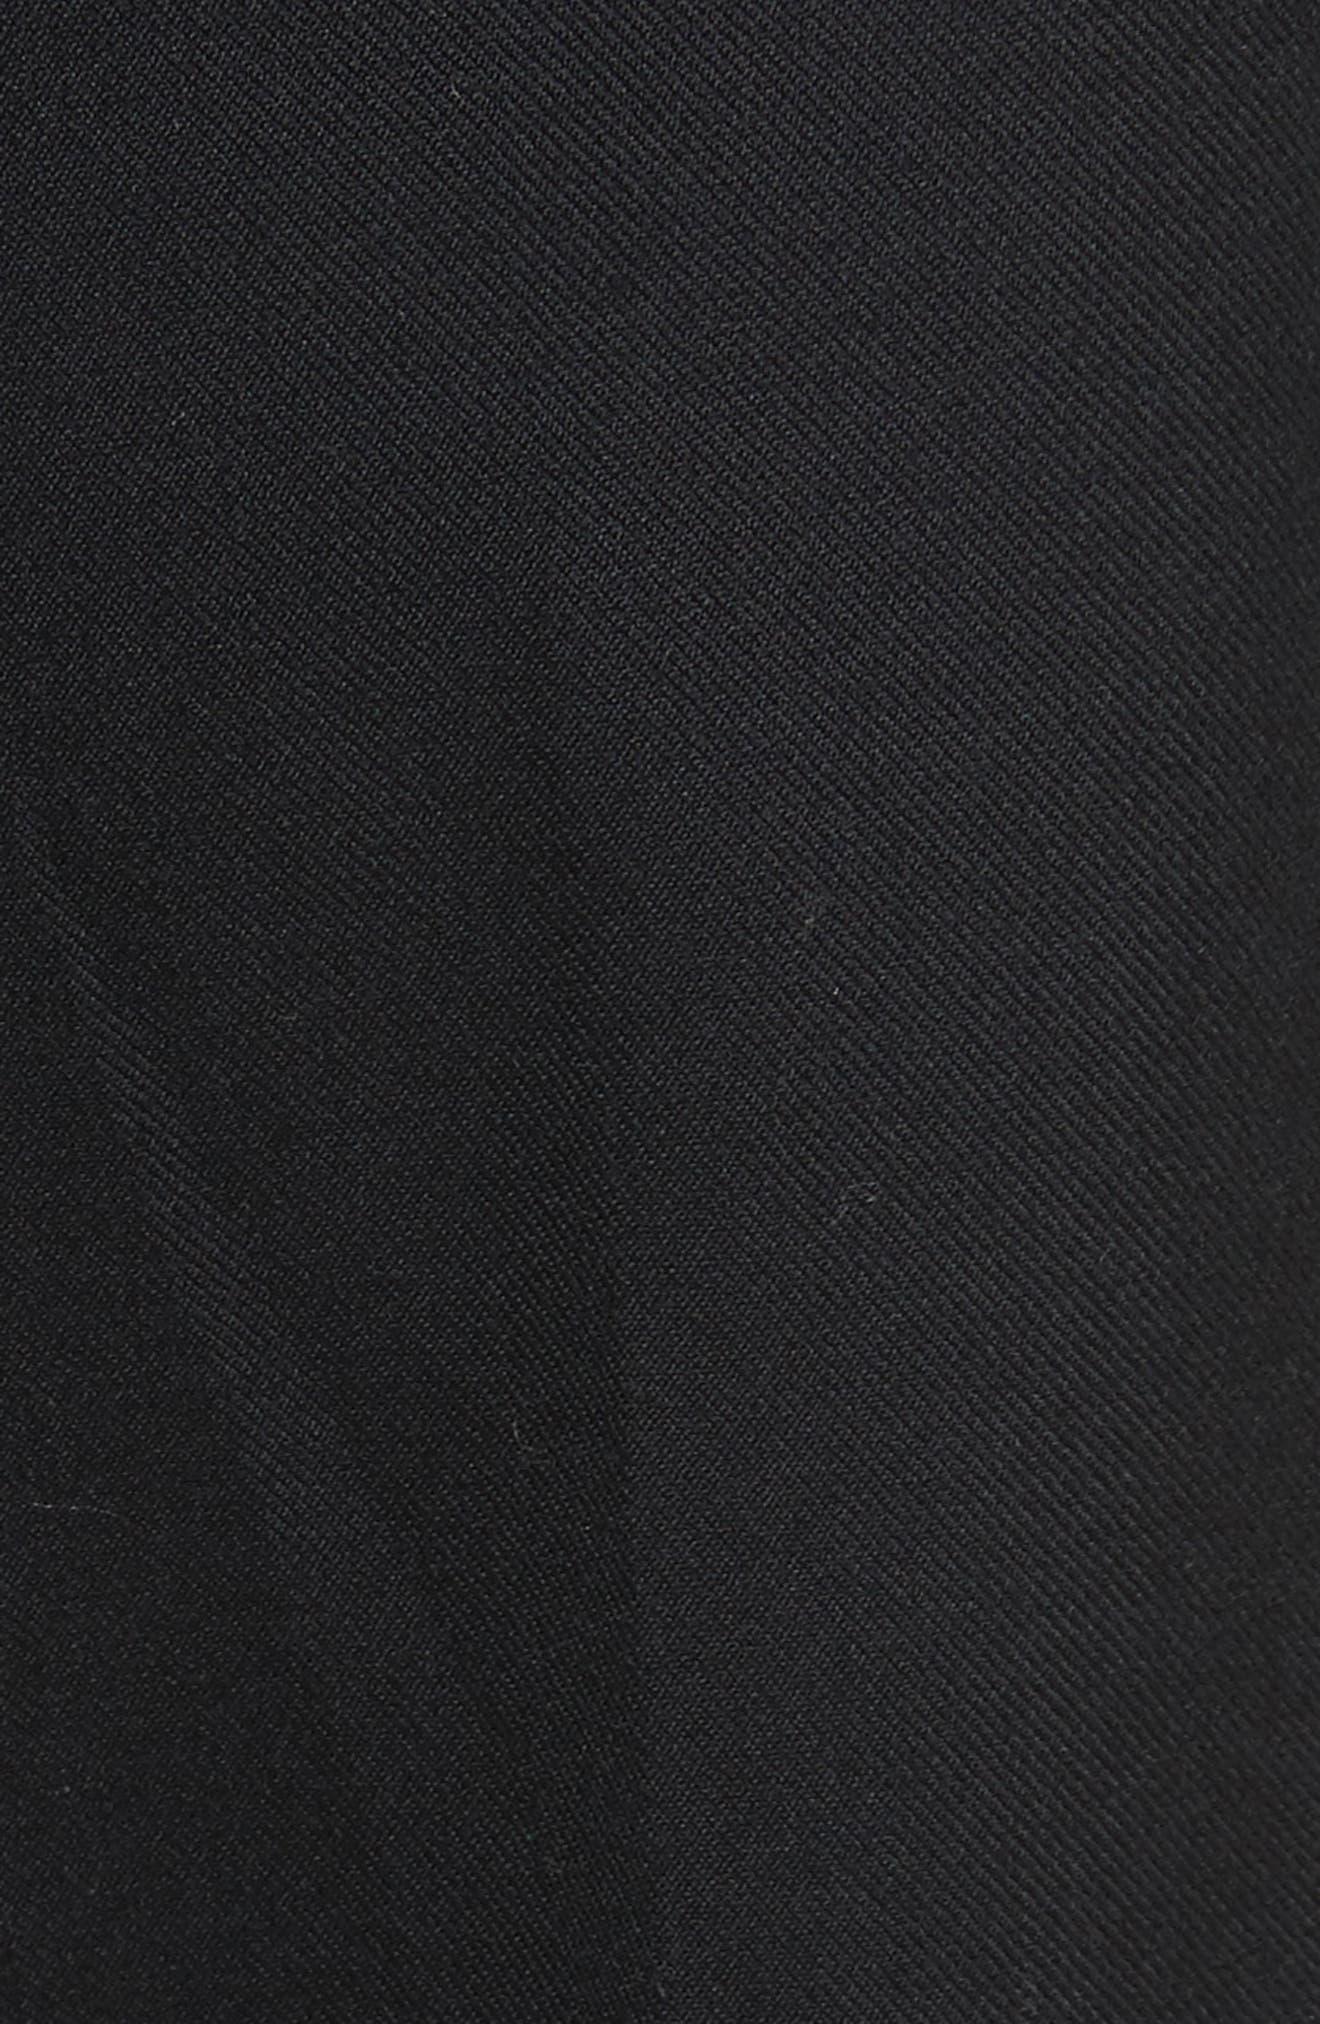 Pompom Hem Trousers,                             Alternate thumbnail 6, color,                             Black